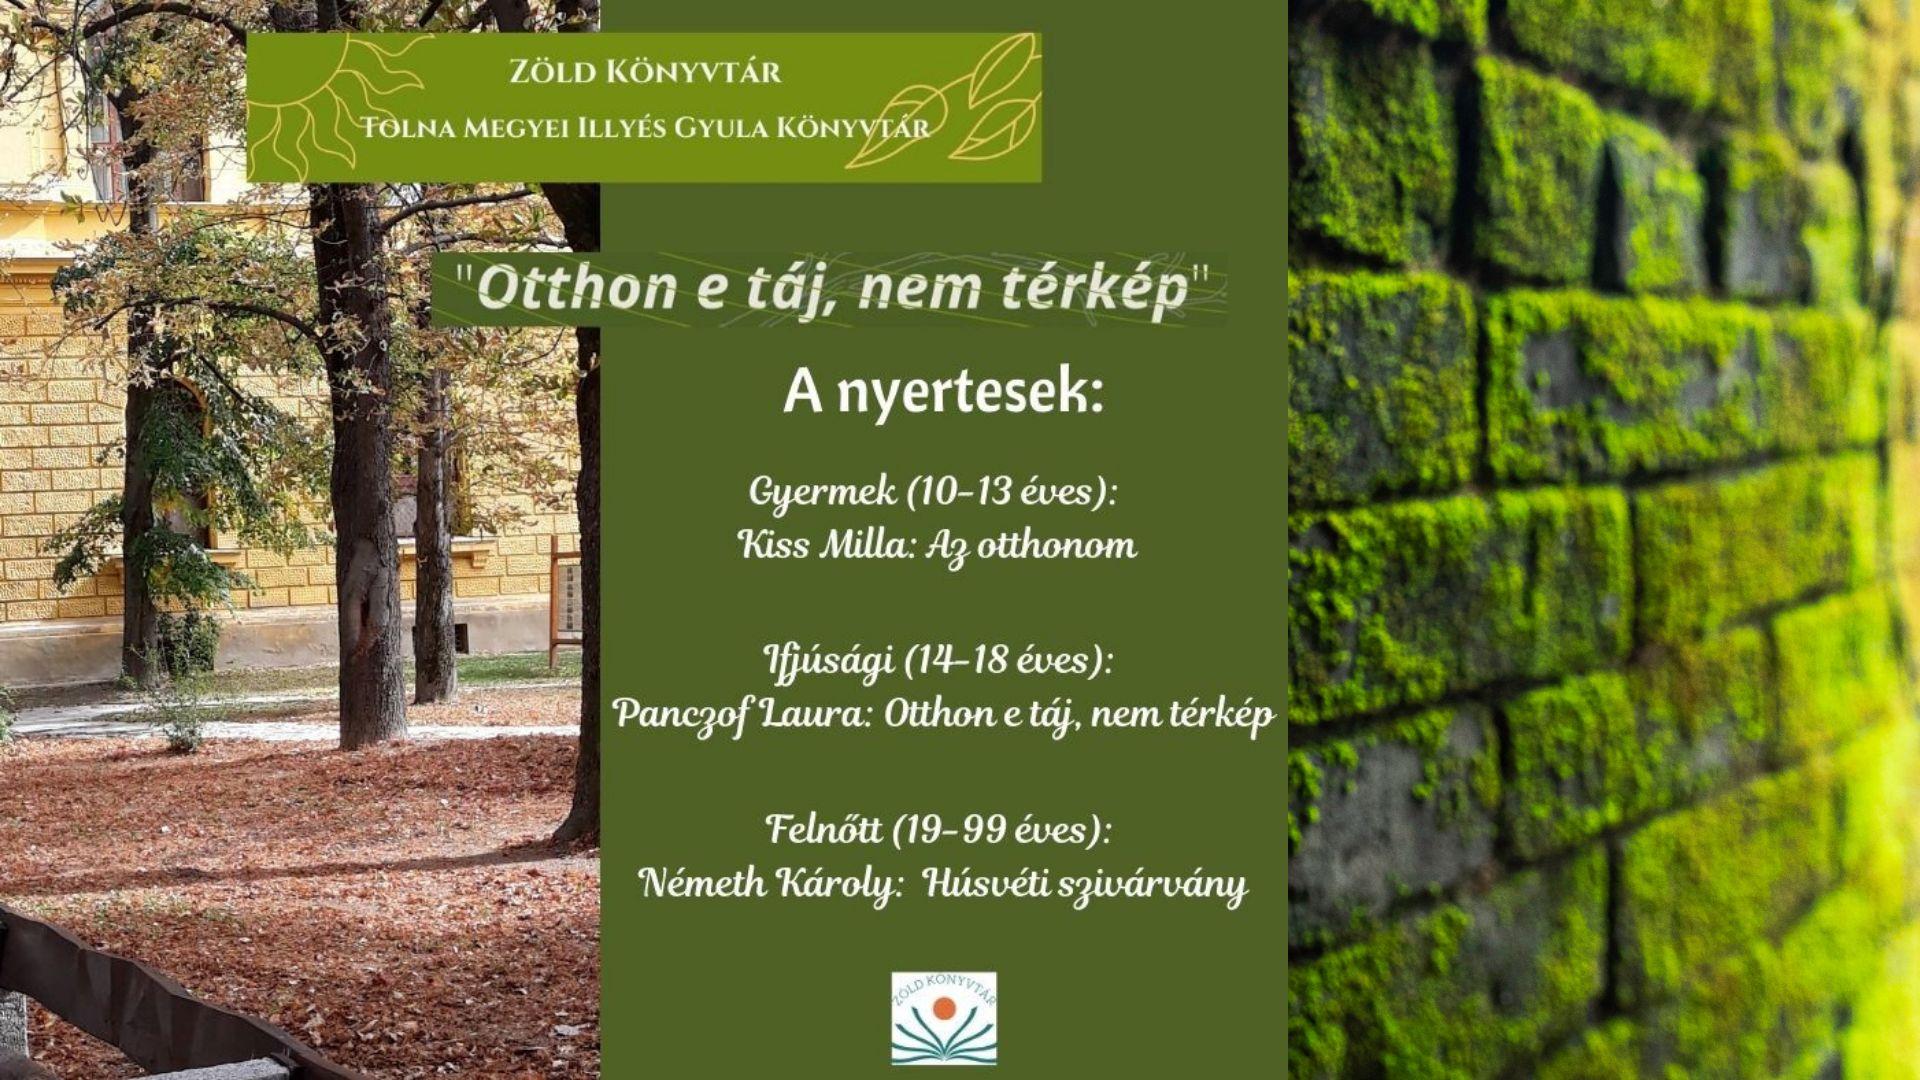 Zöld irodalmi pályázatunk nyertesei